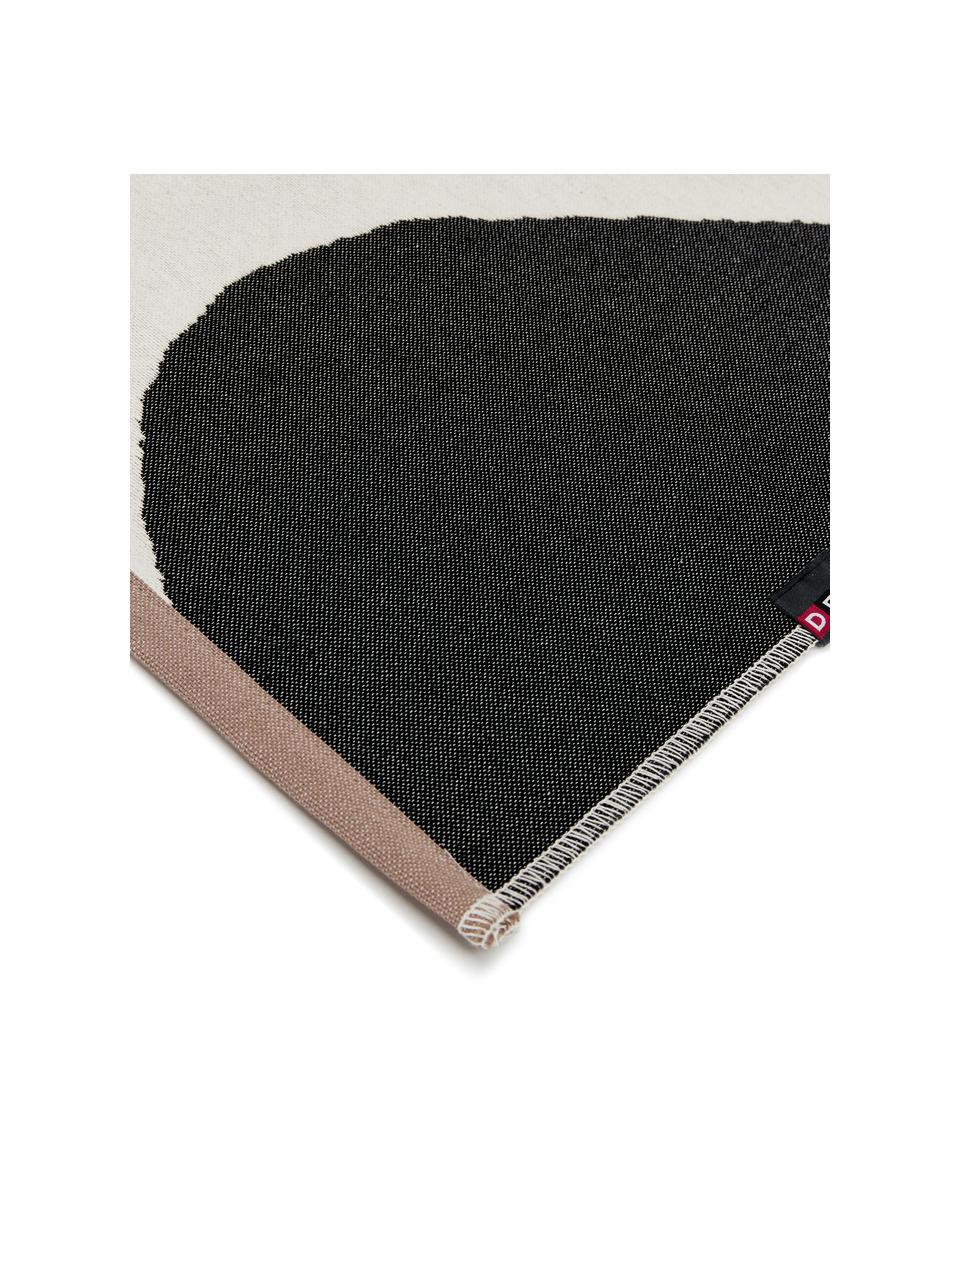 Teppich Goliath mit abstrakten Kreisen, Recycelte Baumwolle, Mehrfarbig, B 75 x L 120 cm (Größe XS)